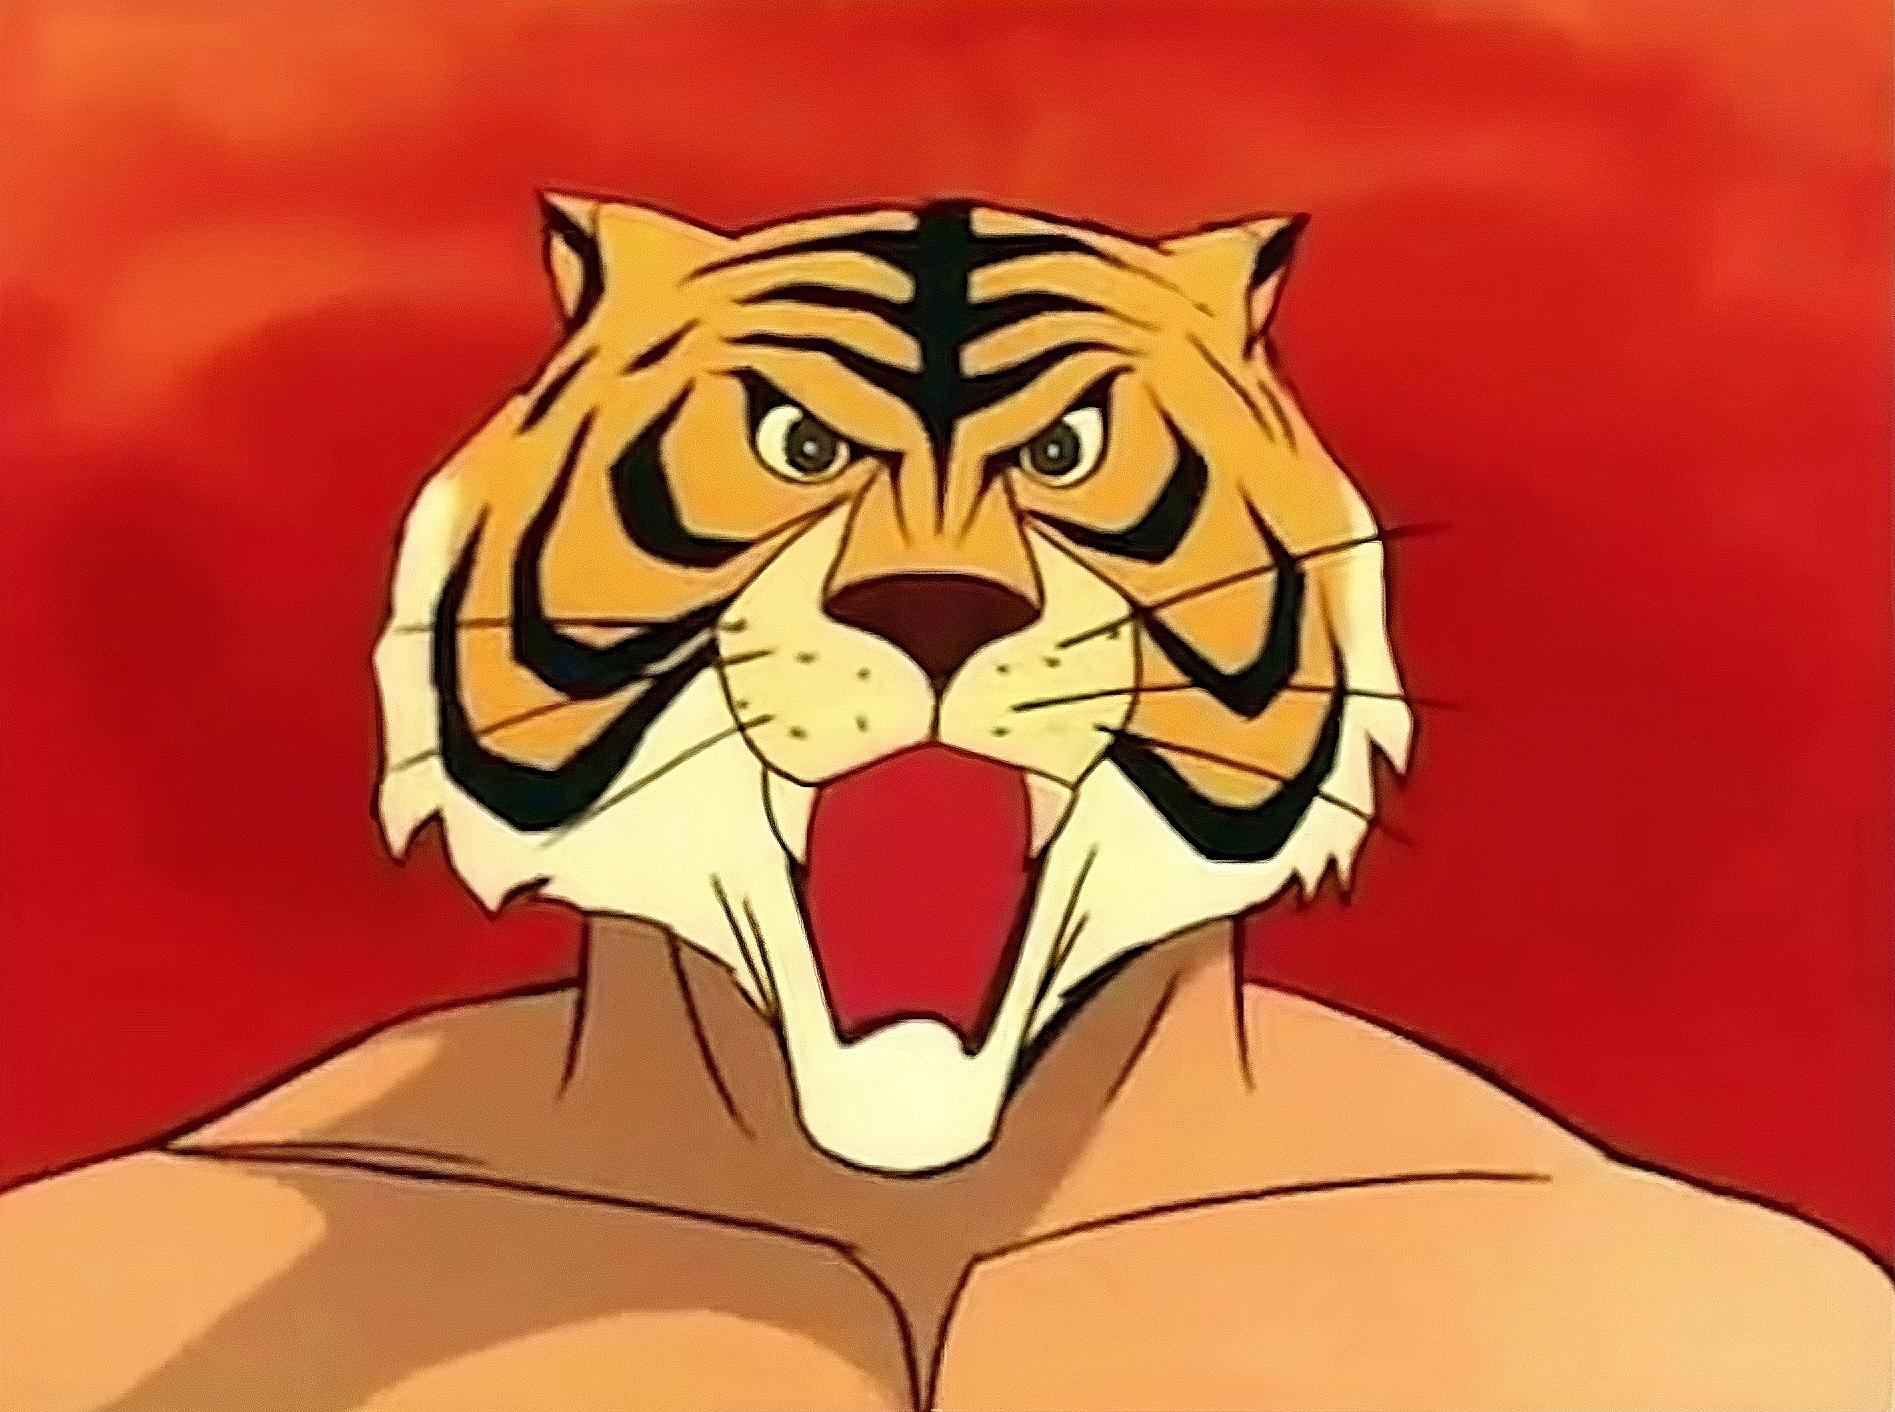 Uomo tigre for Disegni da colorare uomo tigre